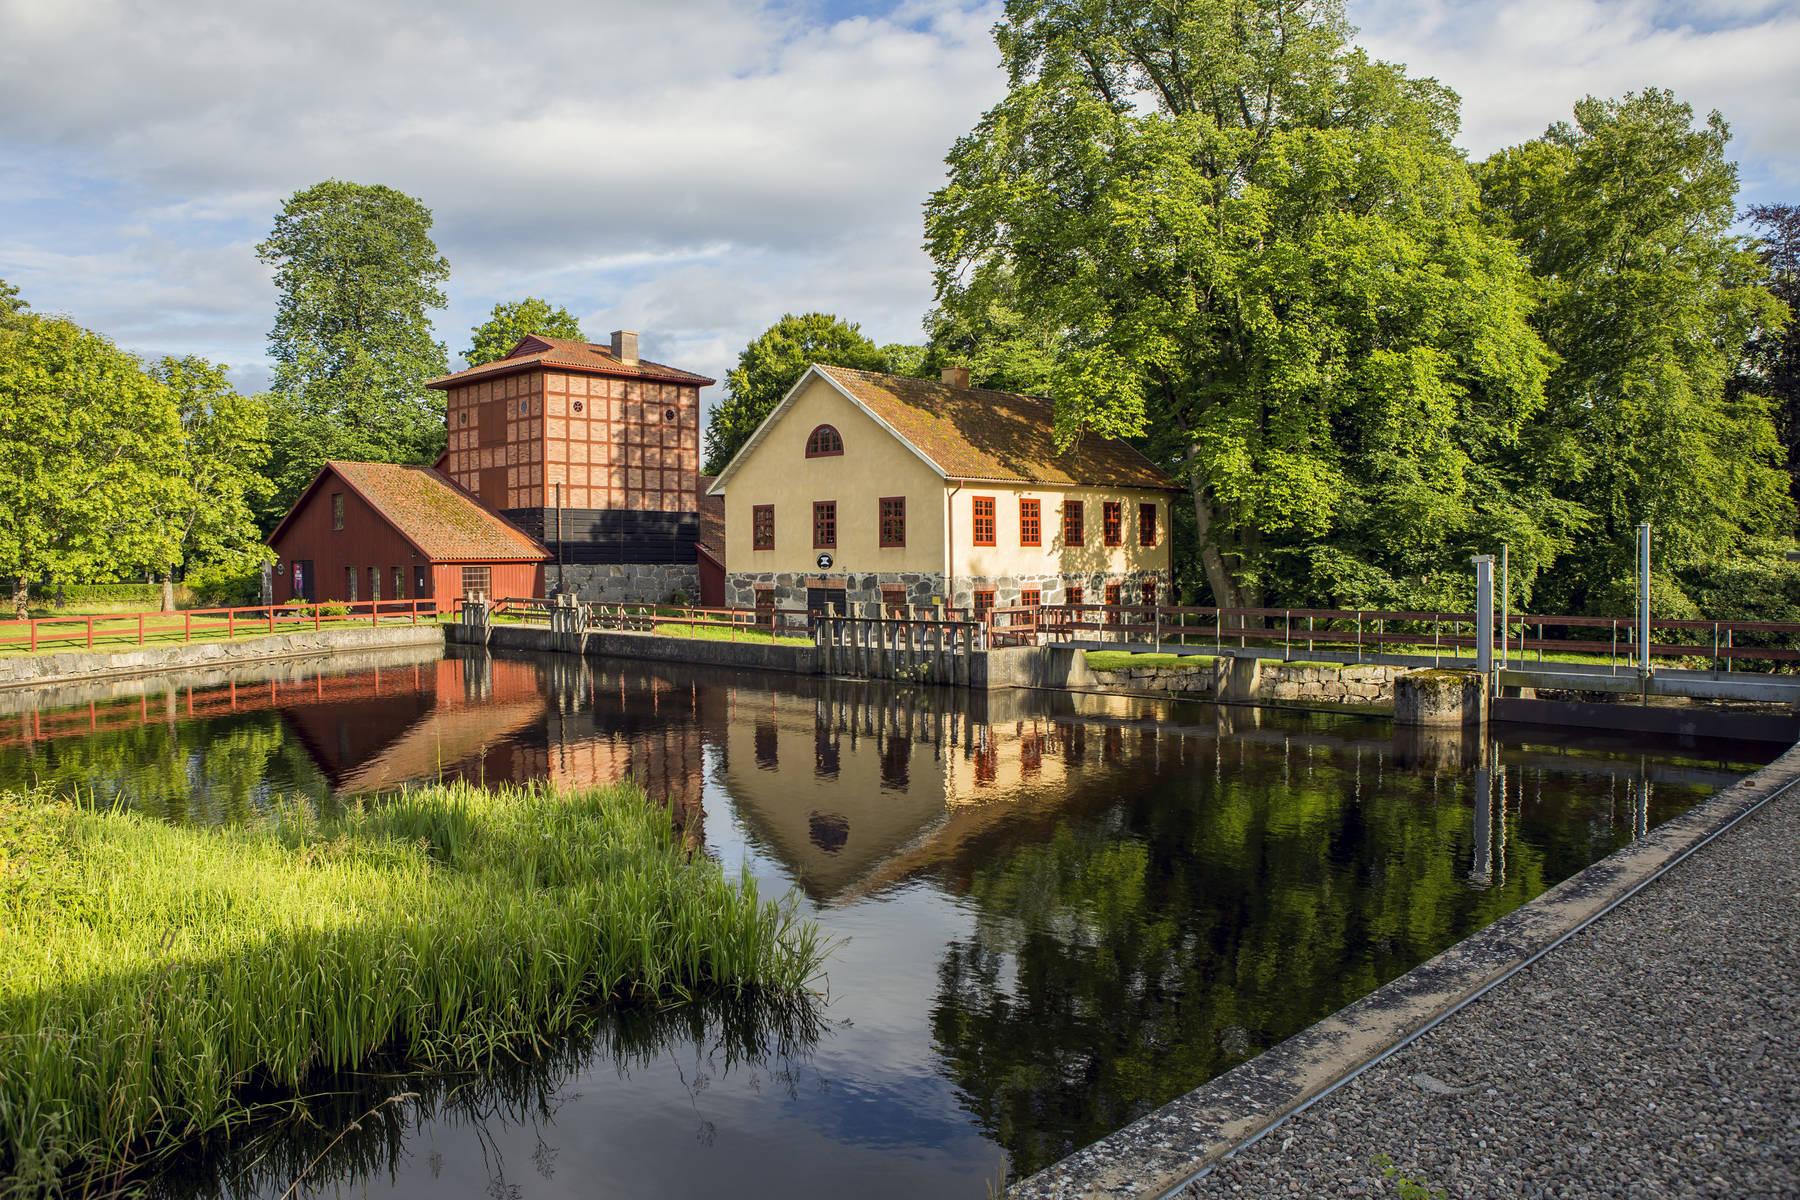 Historiska Huseby med bevarande levande miljöer